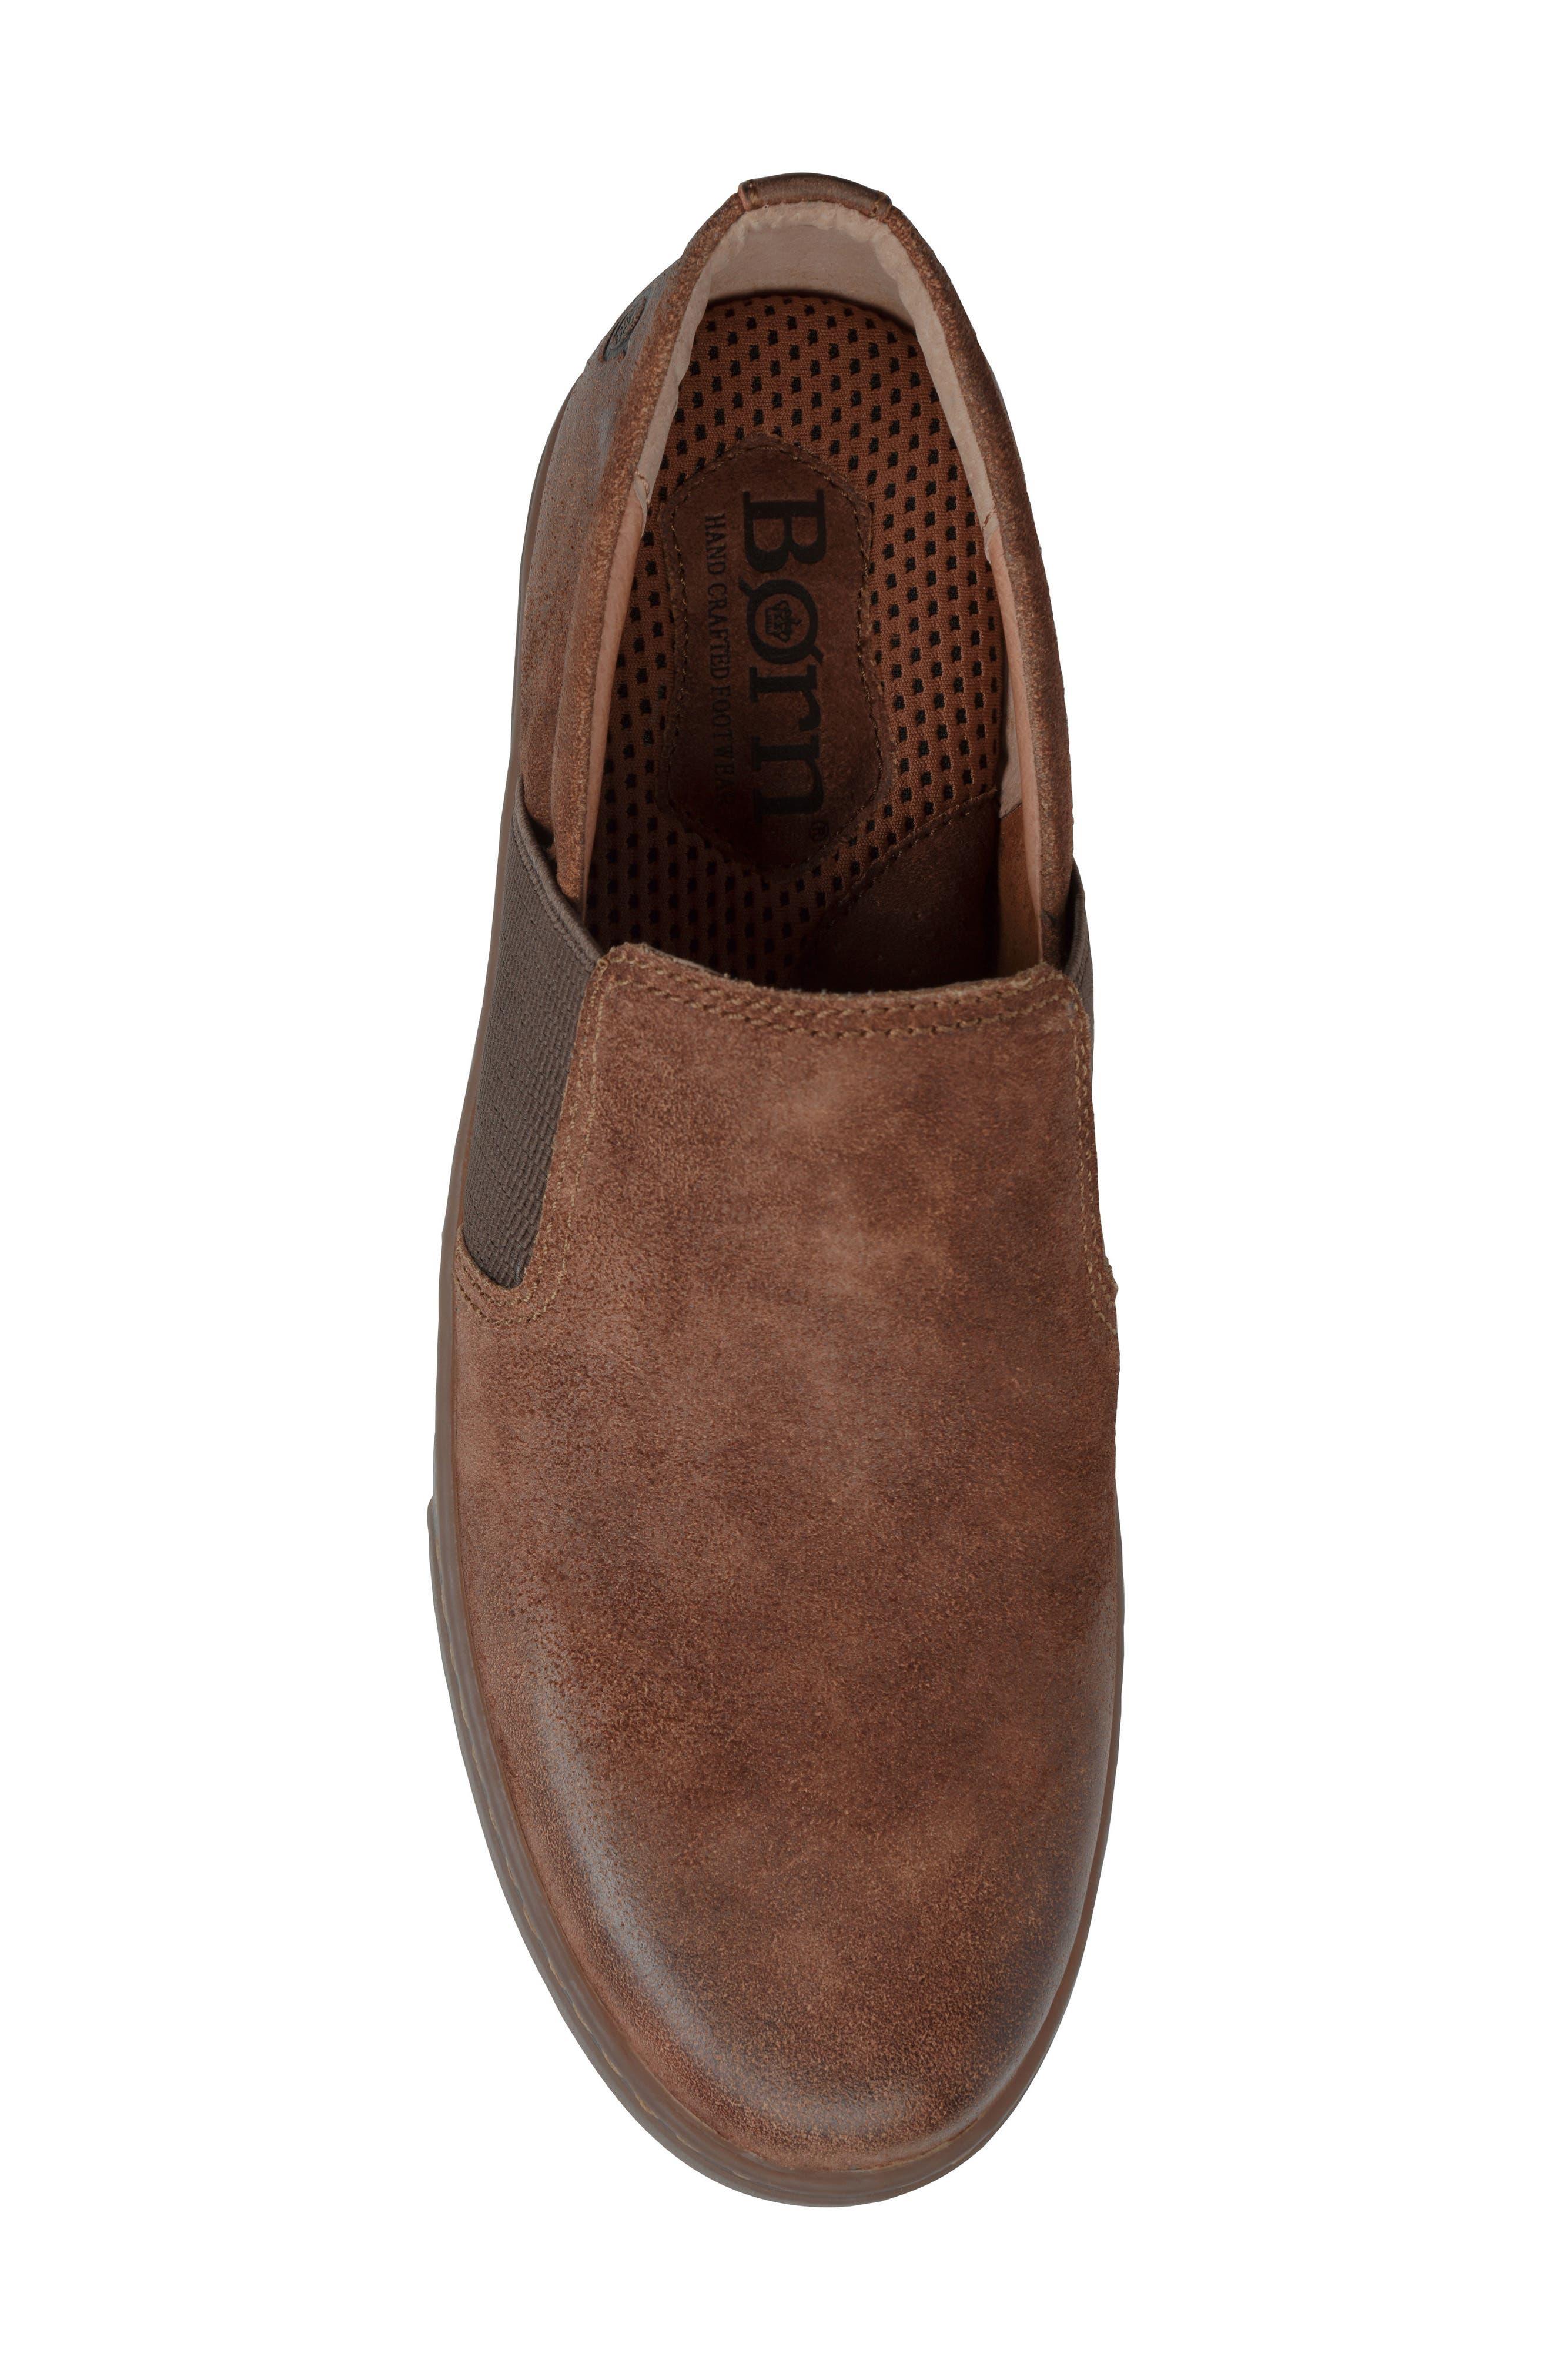 Belford Slip-On Sneaker,                             Alternate thumbnail 5, color,                             219